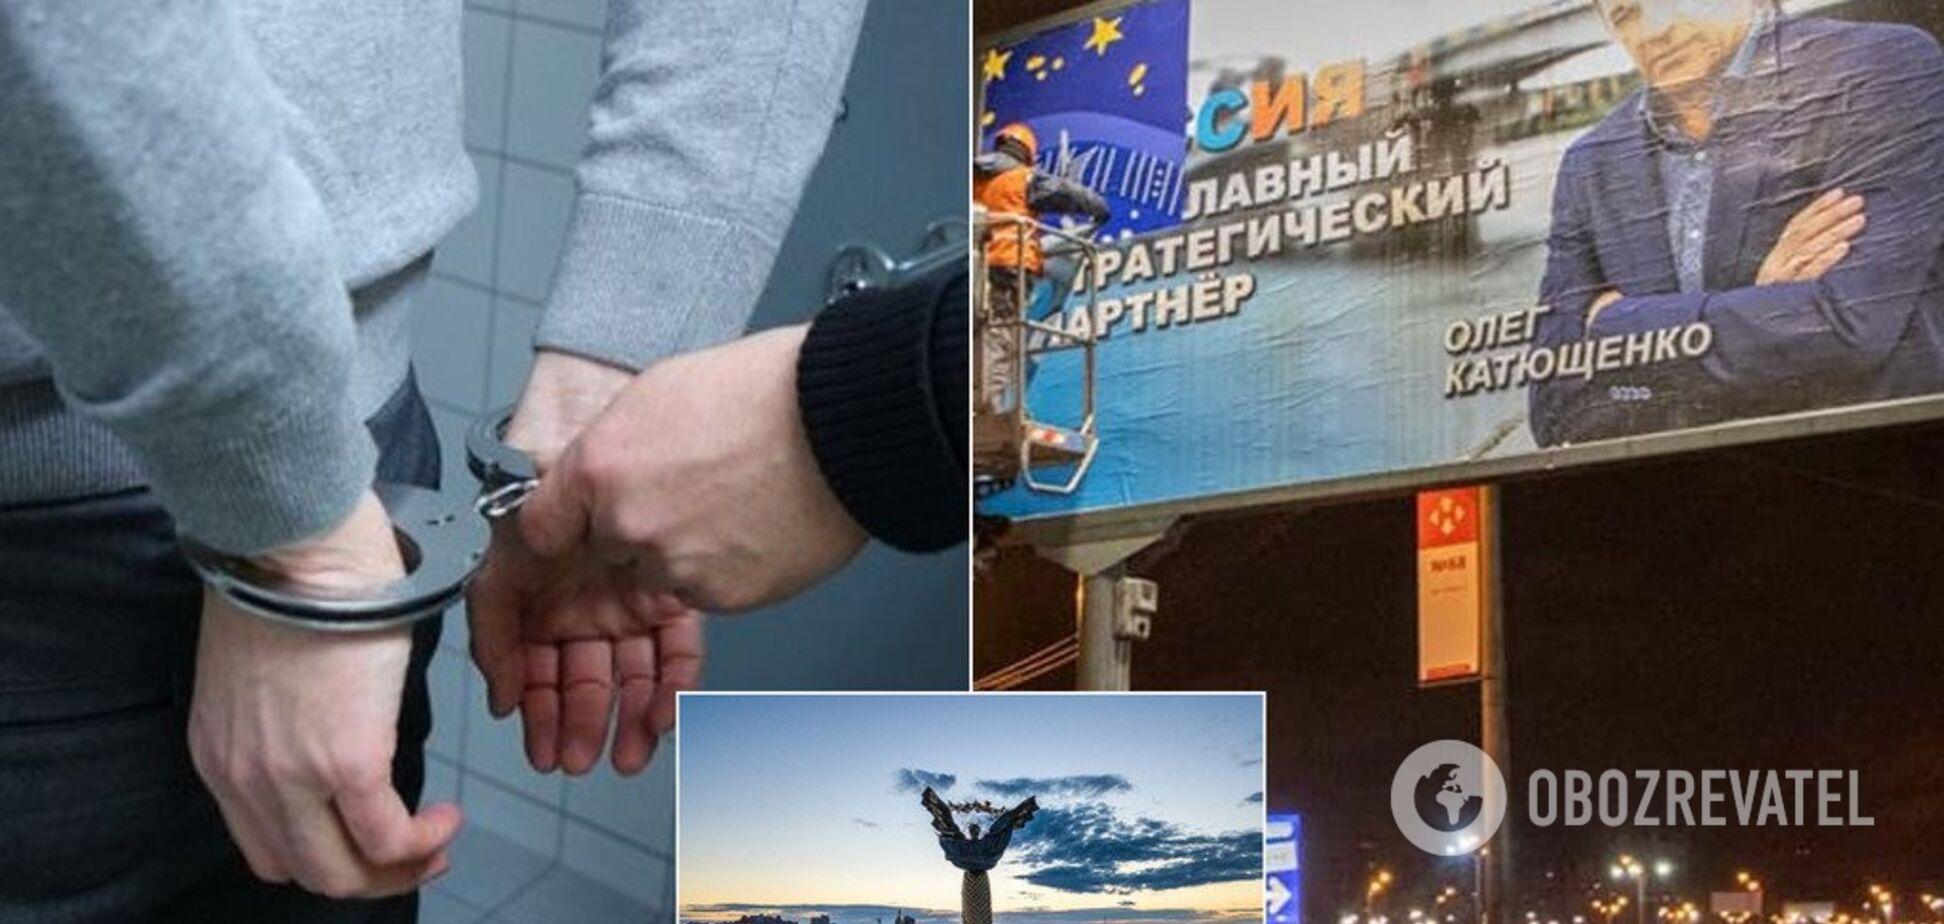 Поліція спіймала трьох осіб за розклеювання скандальної реклами у Києві